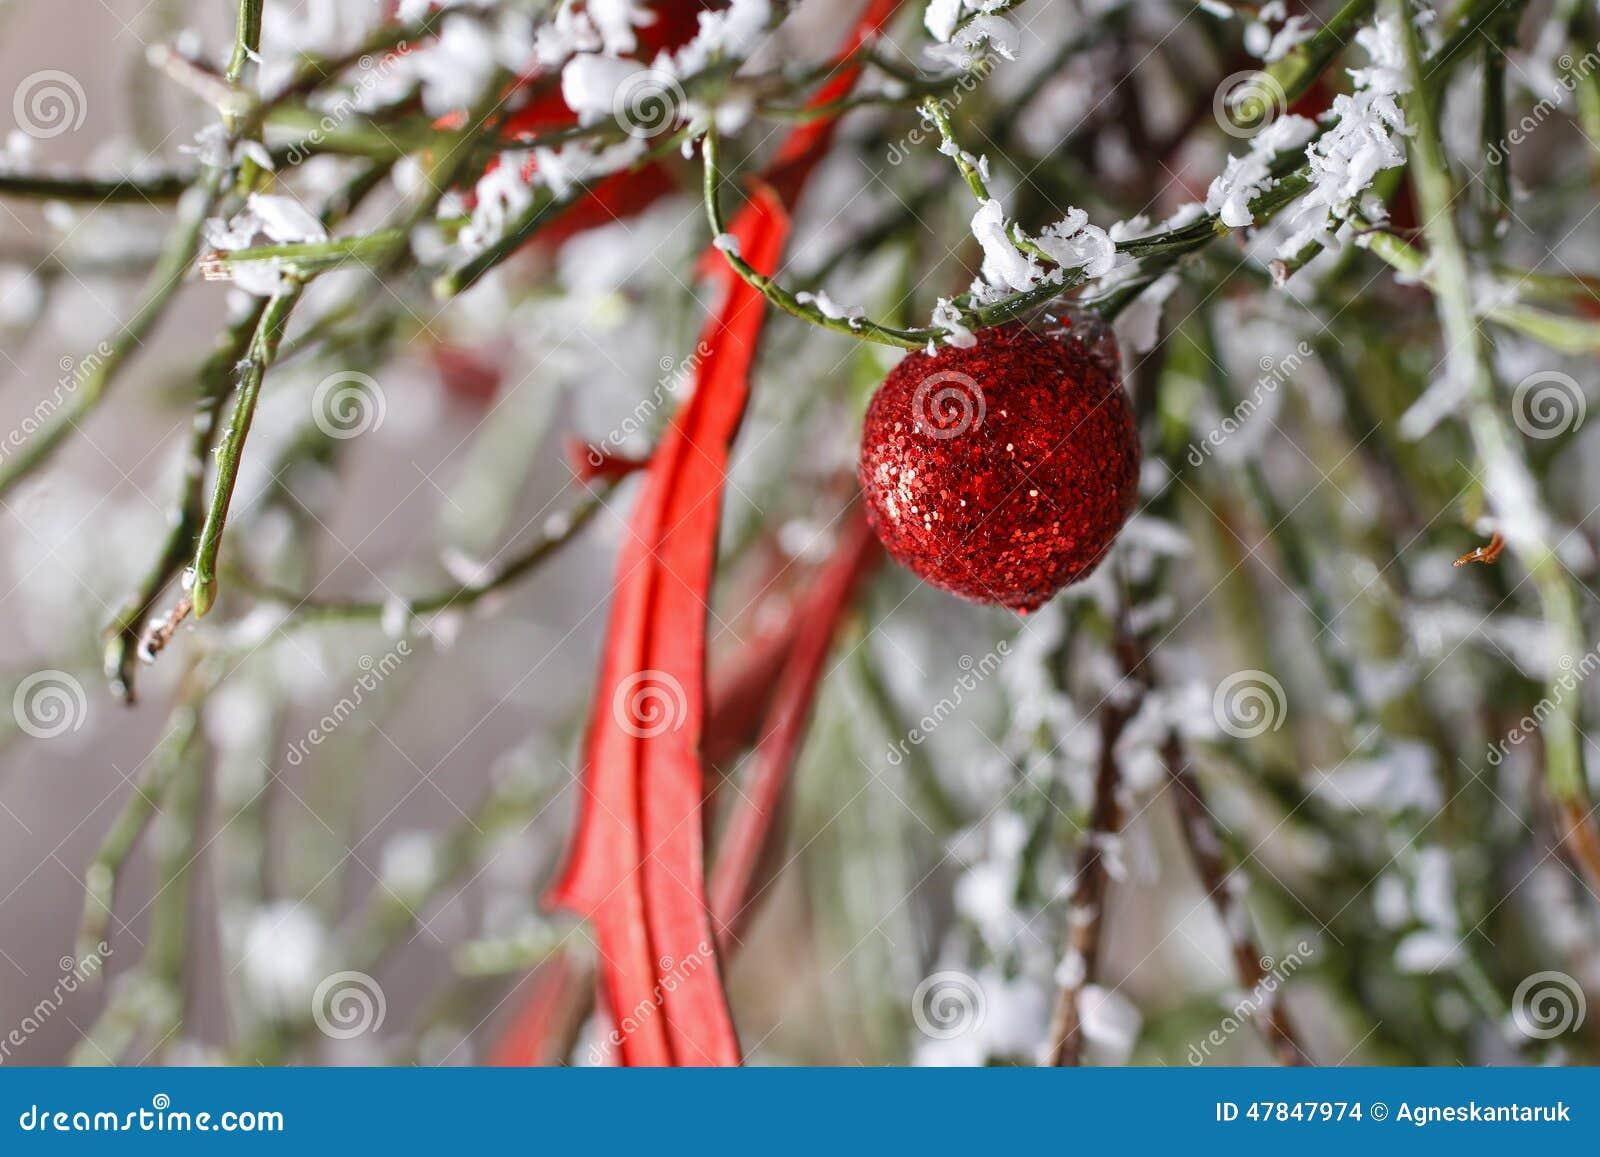 Fondo de la navidad bolas rojas rbol de navidad nieve for Arbol de navidad con bolas rojas